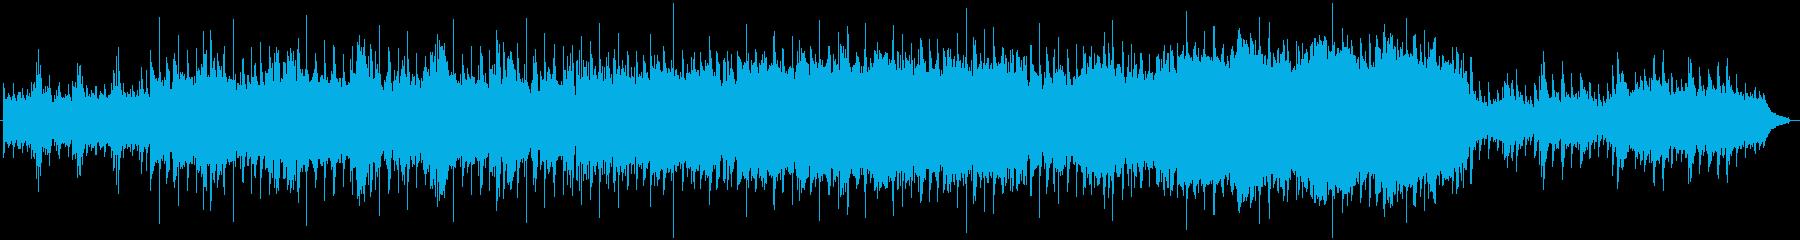 現代的なソフトポップまたはイージー...の再生済みの波形